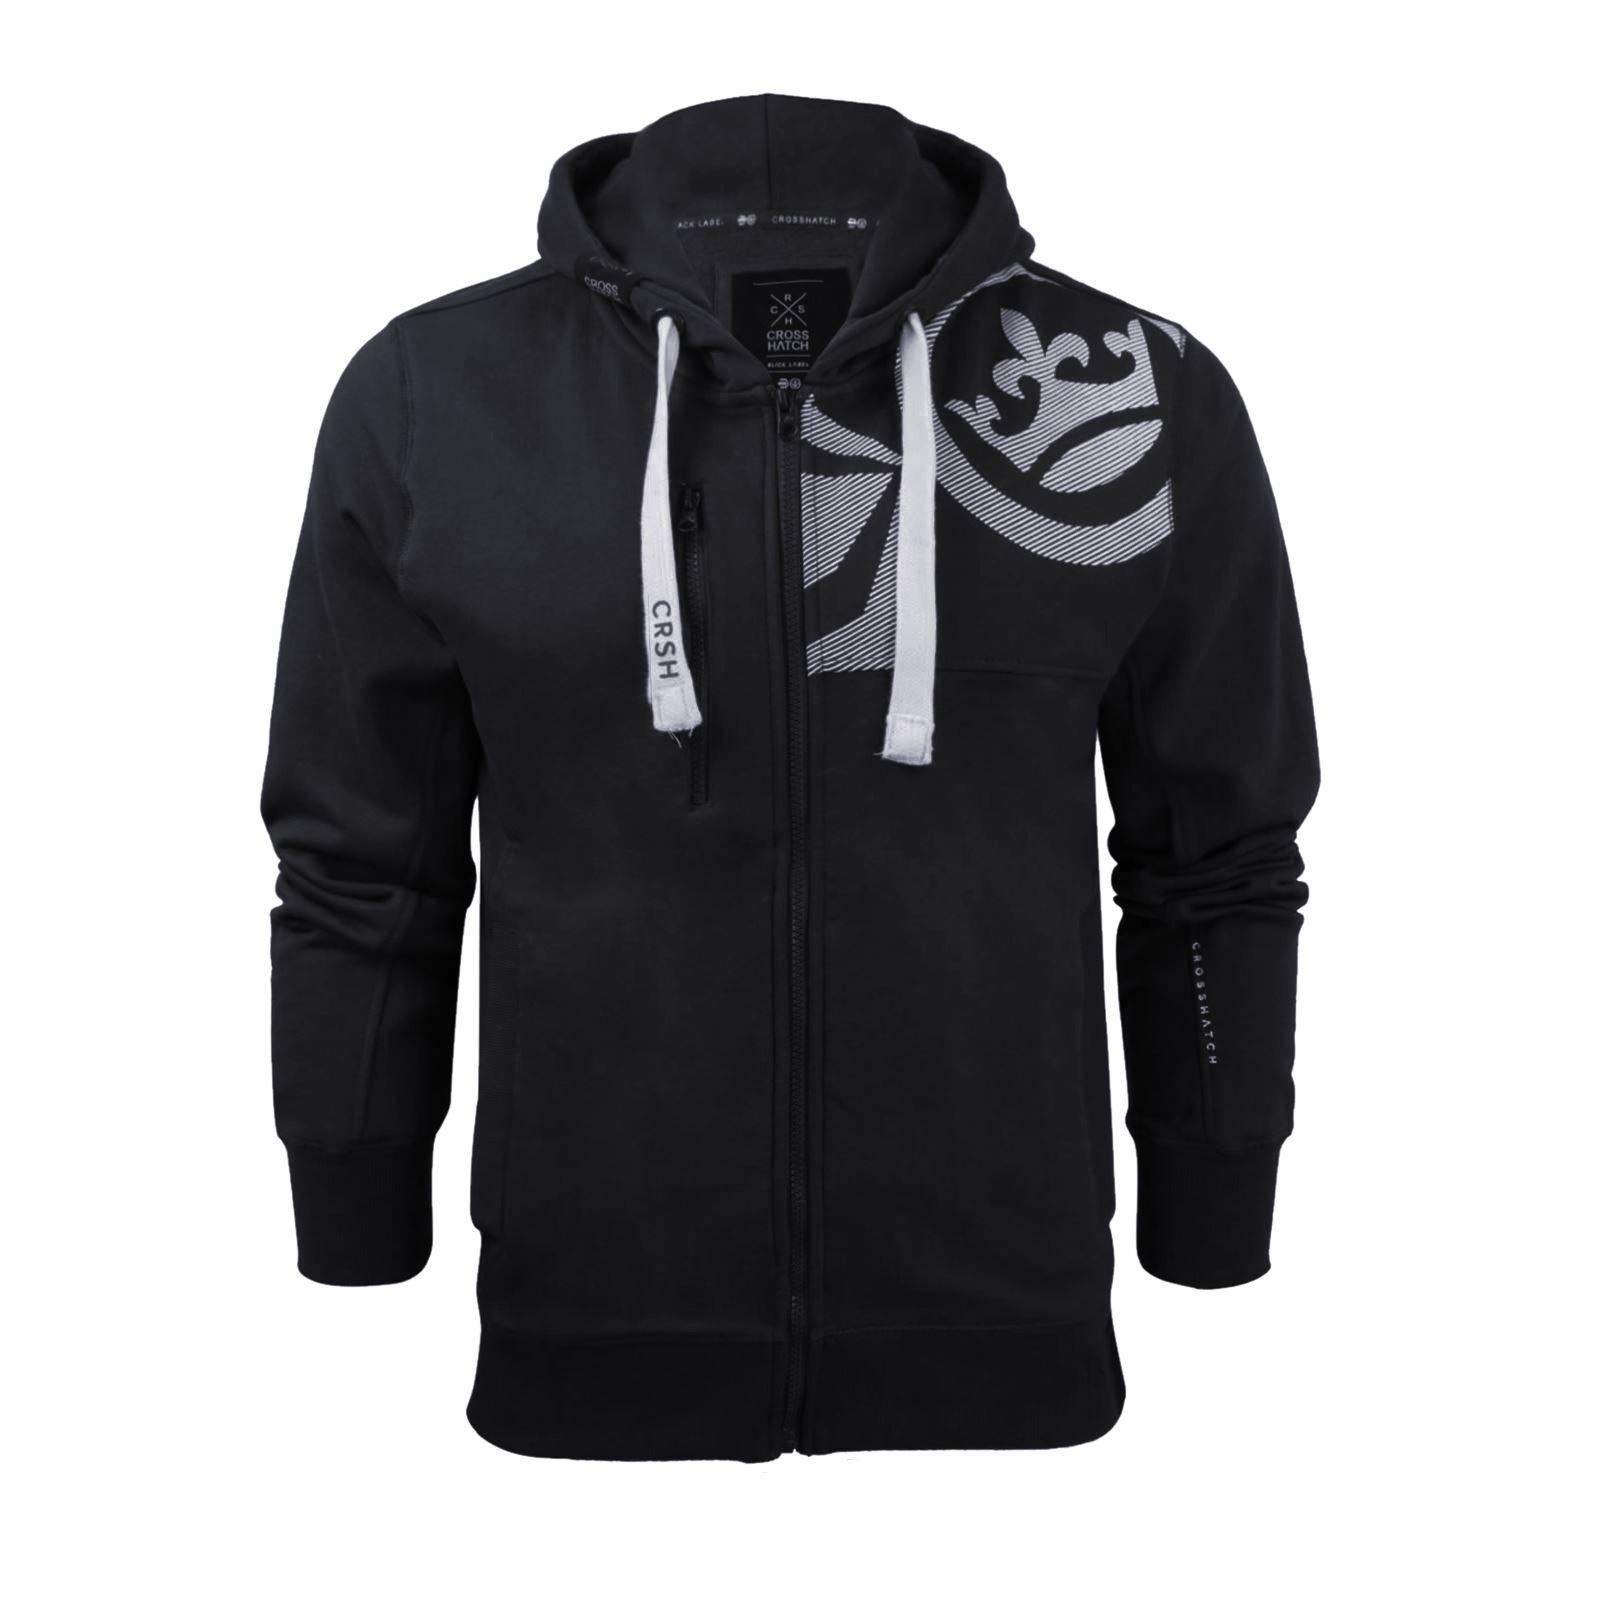 Mens-Hoodie-Crosshatch-Ribbler-Zip-Up-Hooded-Jacket-Pullover-Jumper-Sweatershirt thumbnail 32